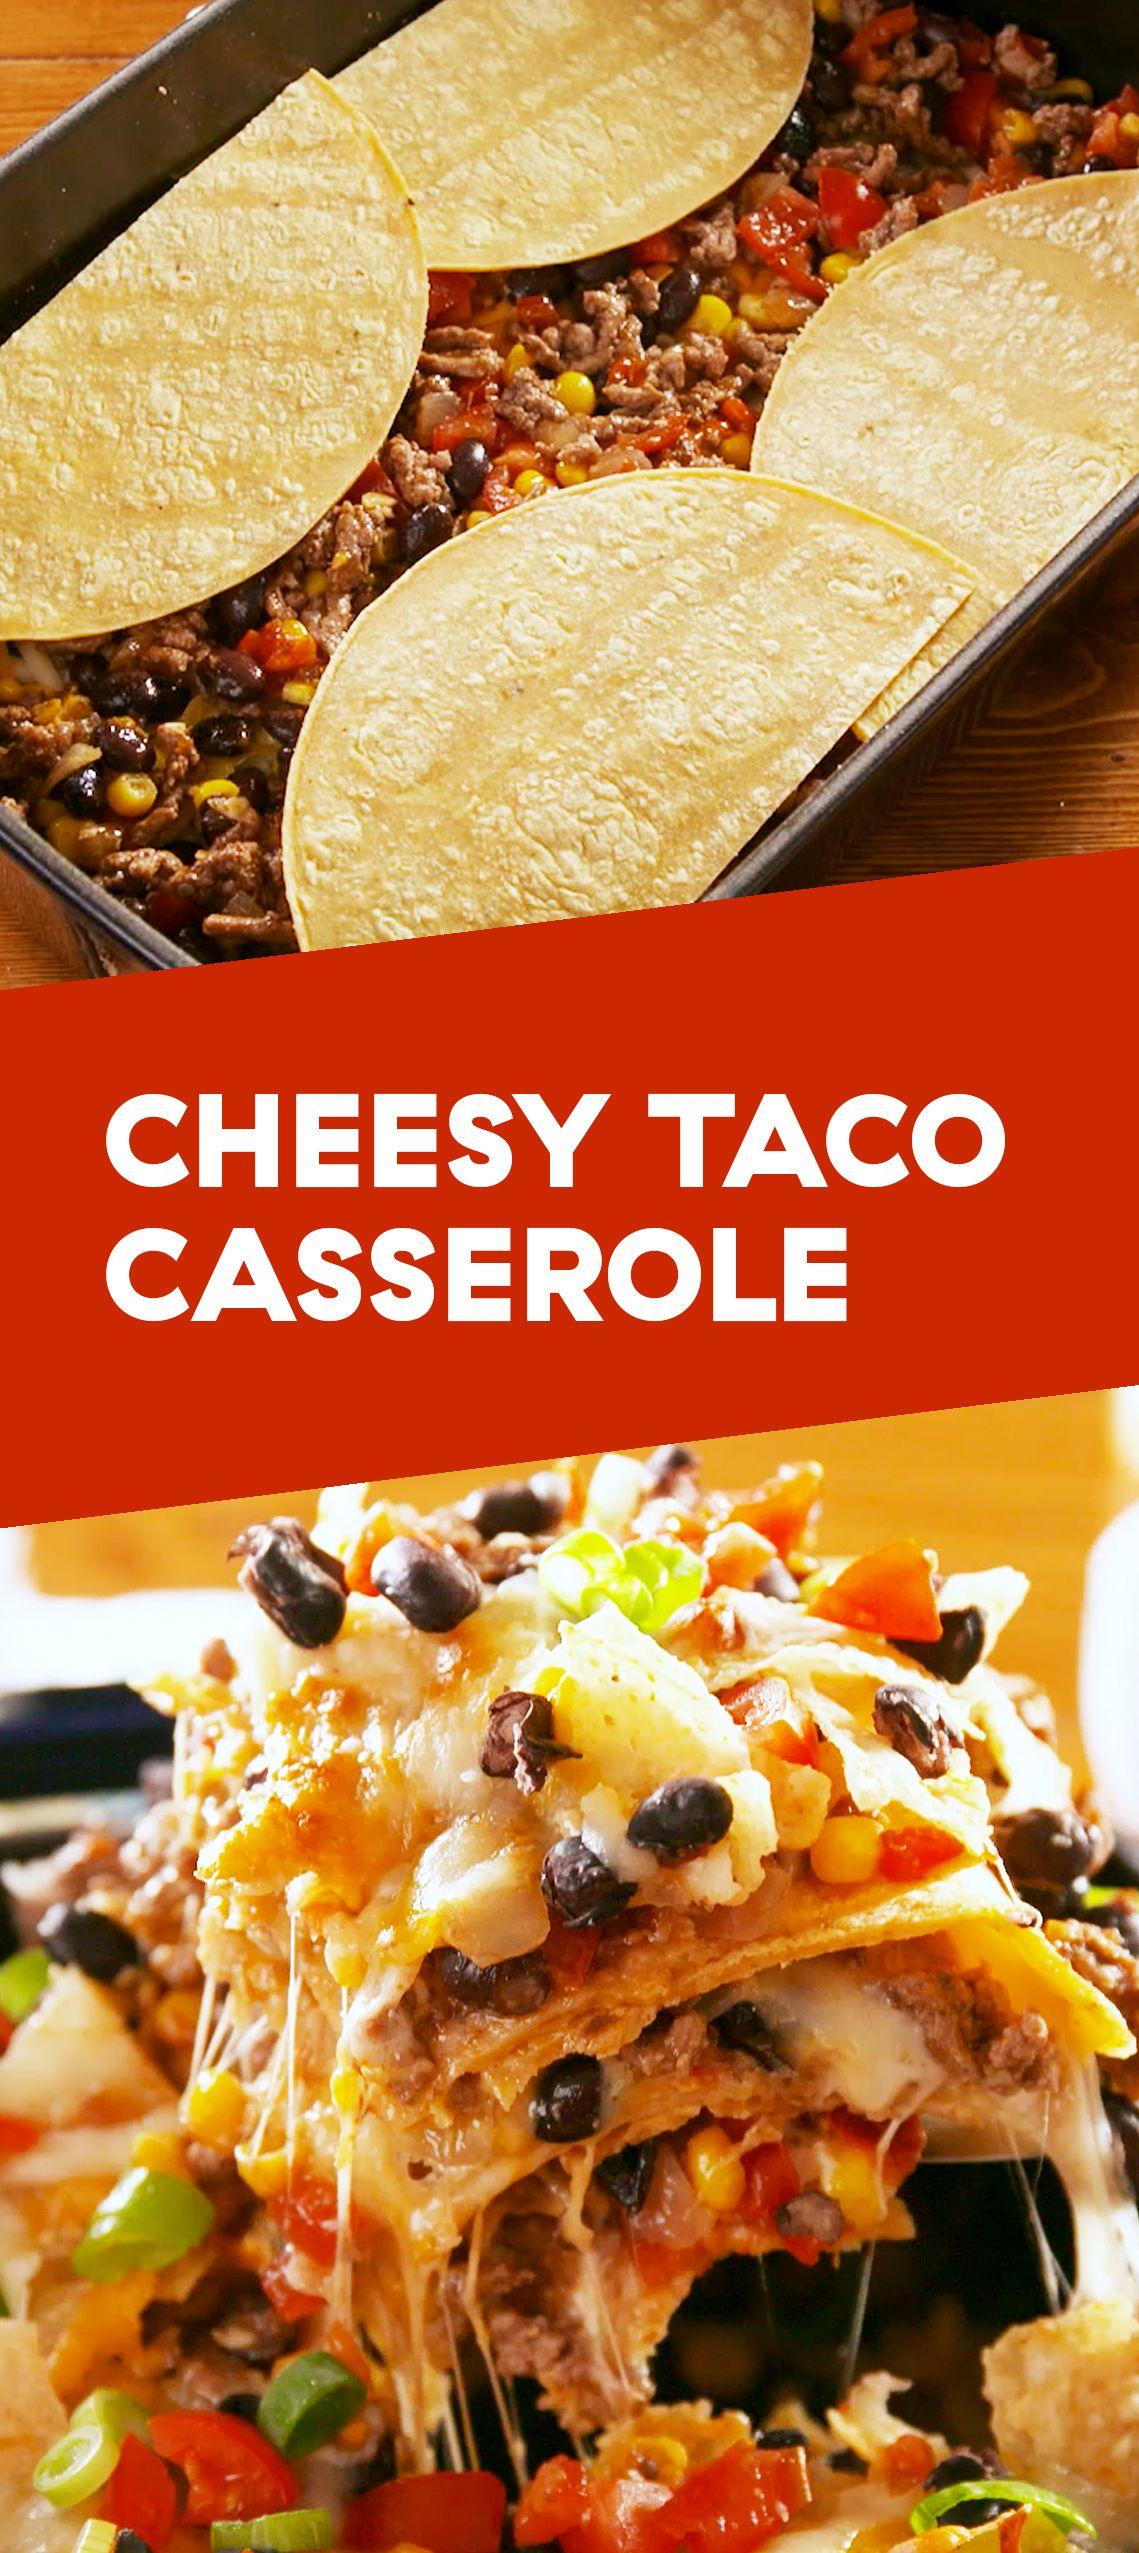 Cheesy Taco Casserole #tacorecipes